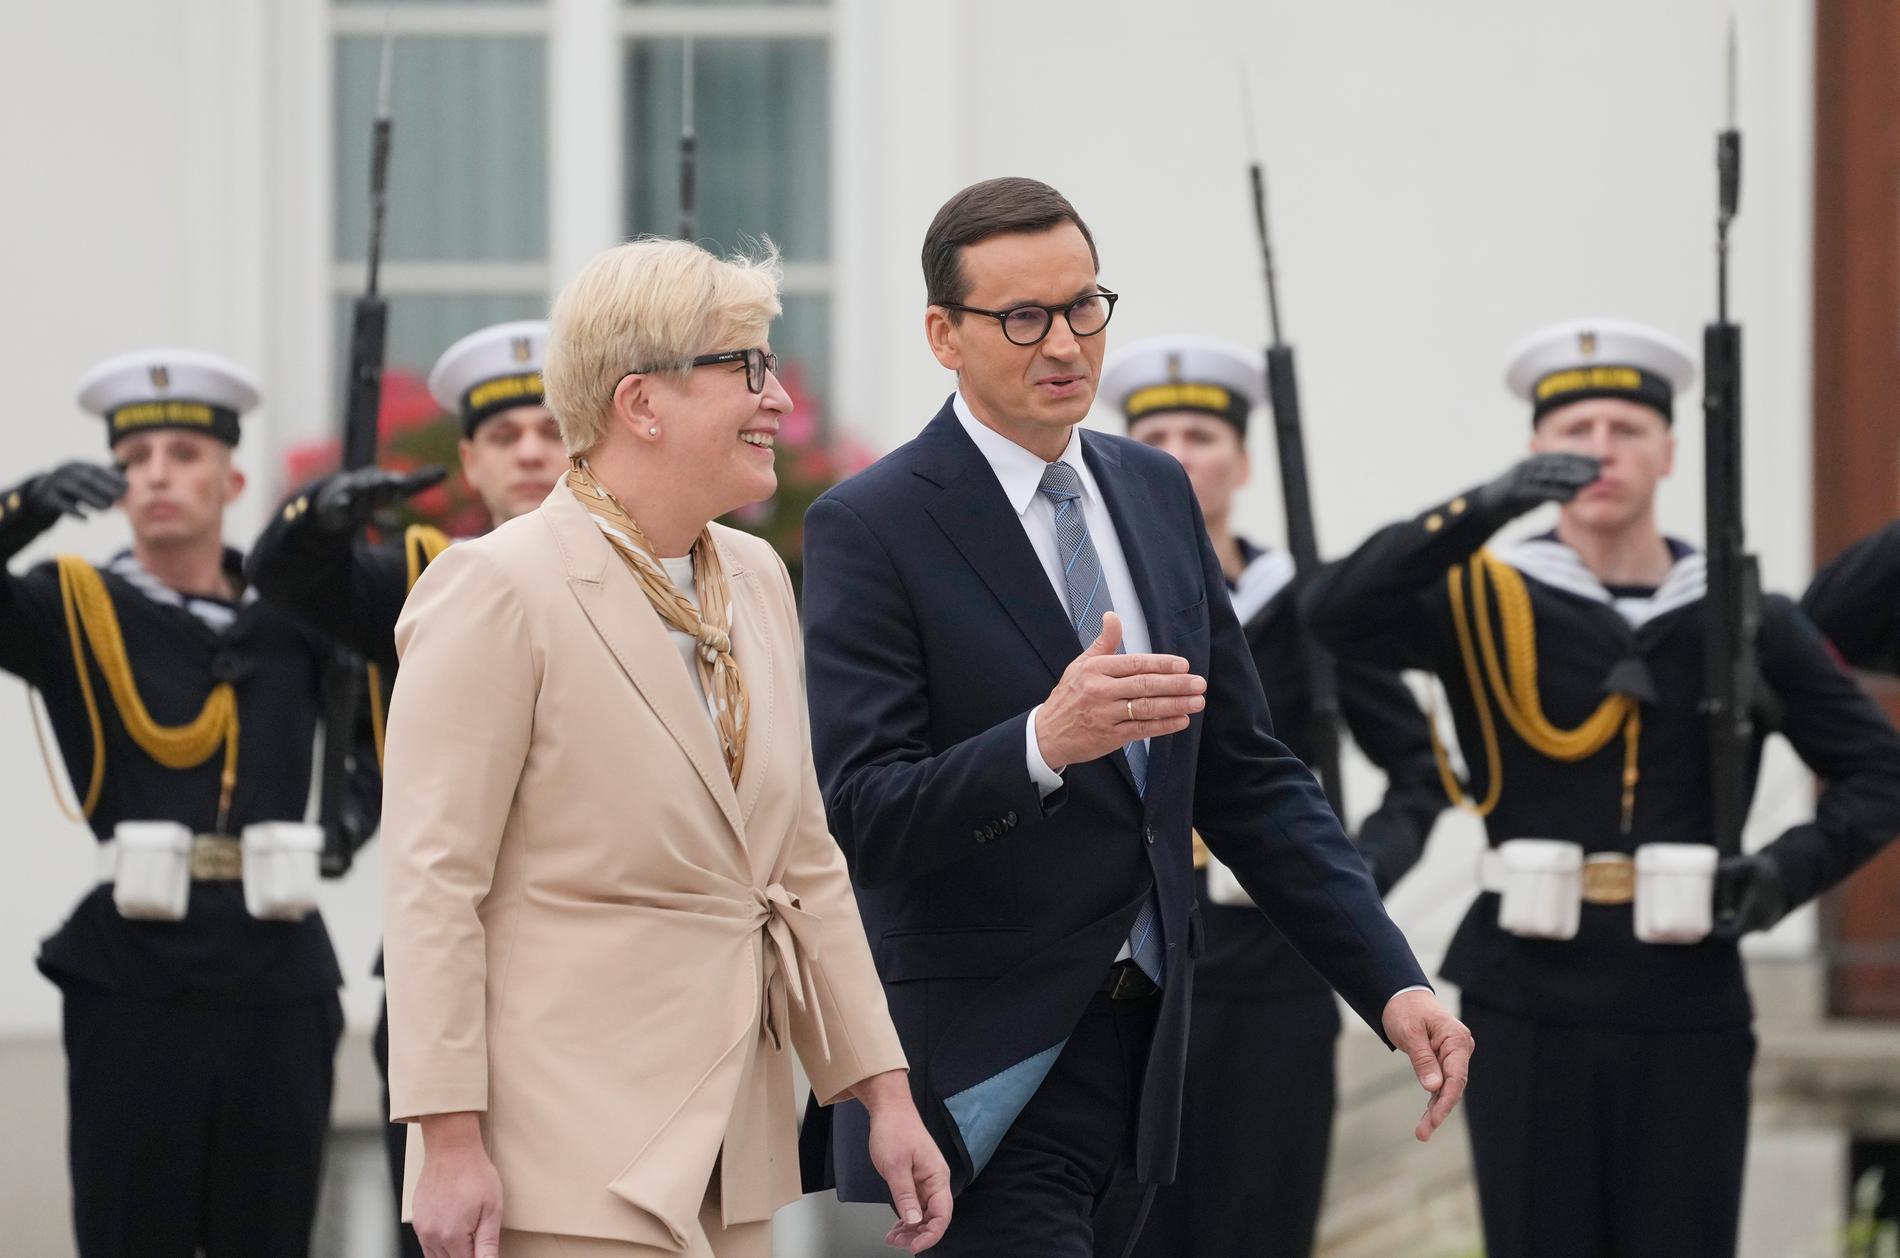 Litauens premiärminister Ingrida Simonyte välkomnades på fredagen av Polens premiärminister Mateusz Morawiecki på ett besök för att diskutera migranttrycket som länderna upplever på gränsen till Belarus.